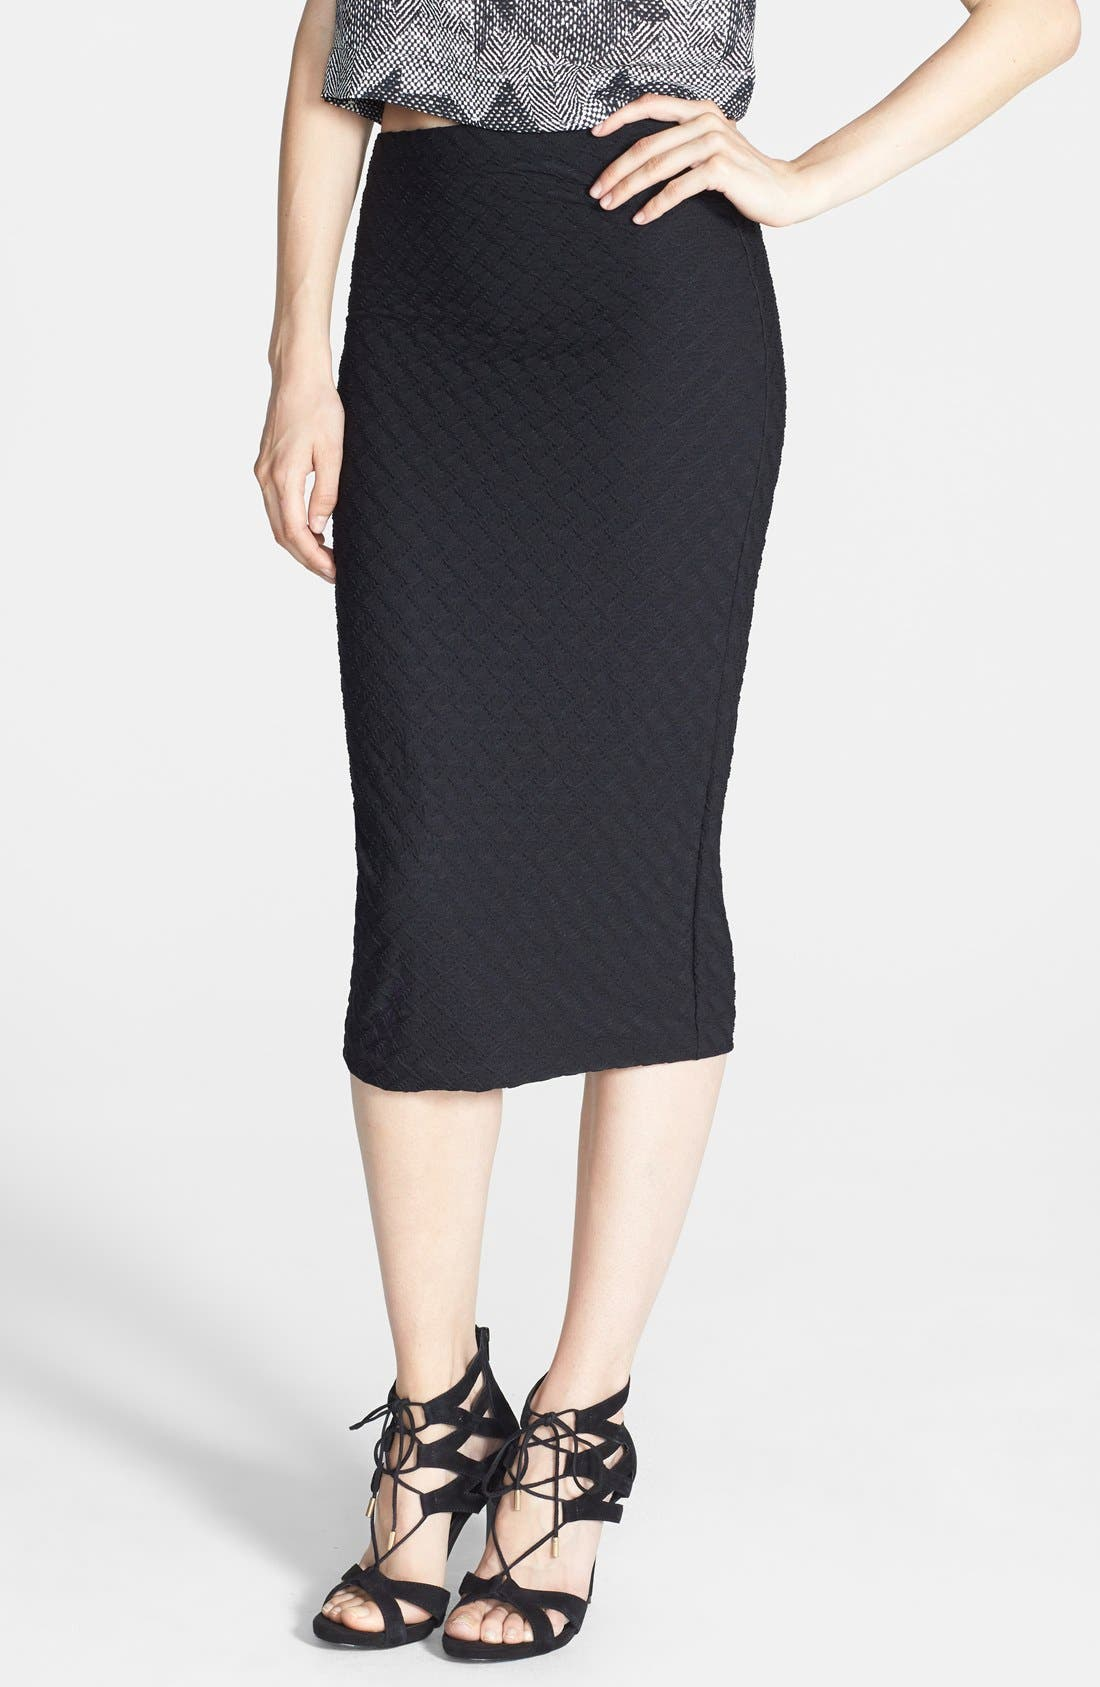 Alternate Image 1 Selected - Tildon Textured Knit Tube Skirt